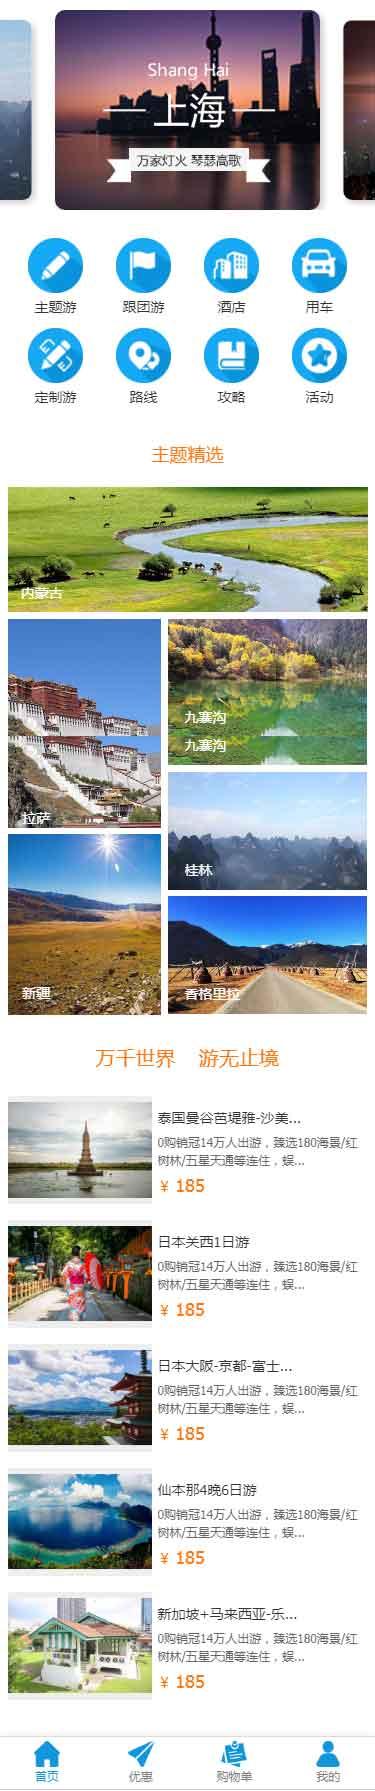 途游旅行网小程序模板